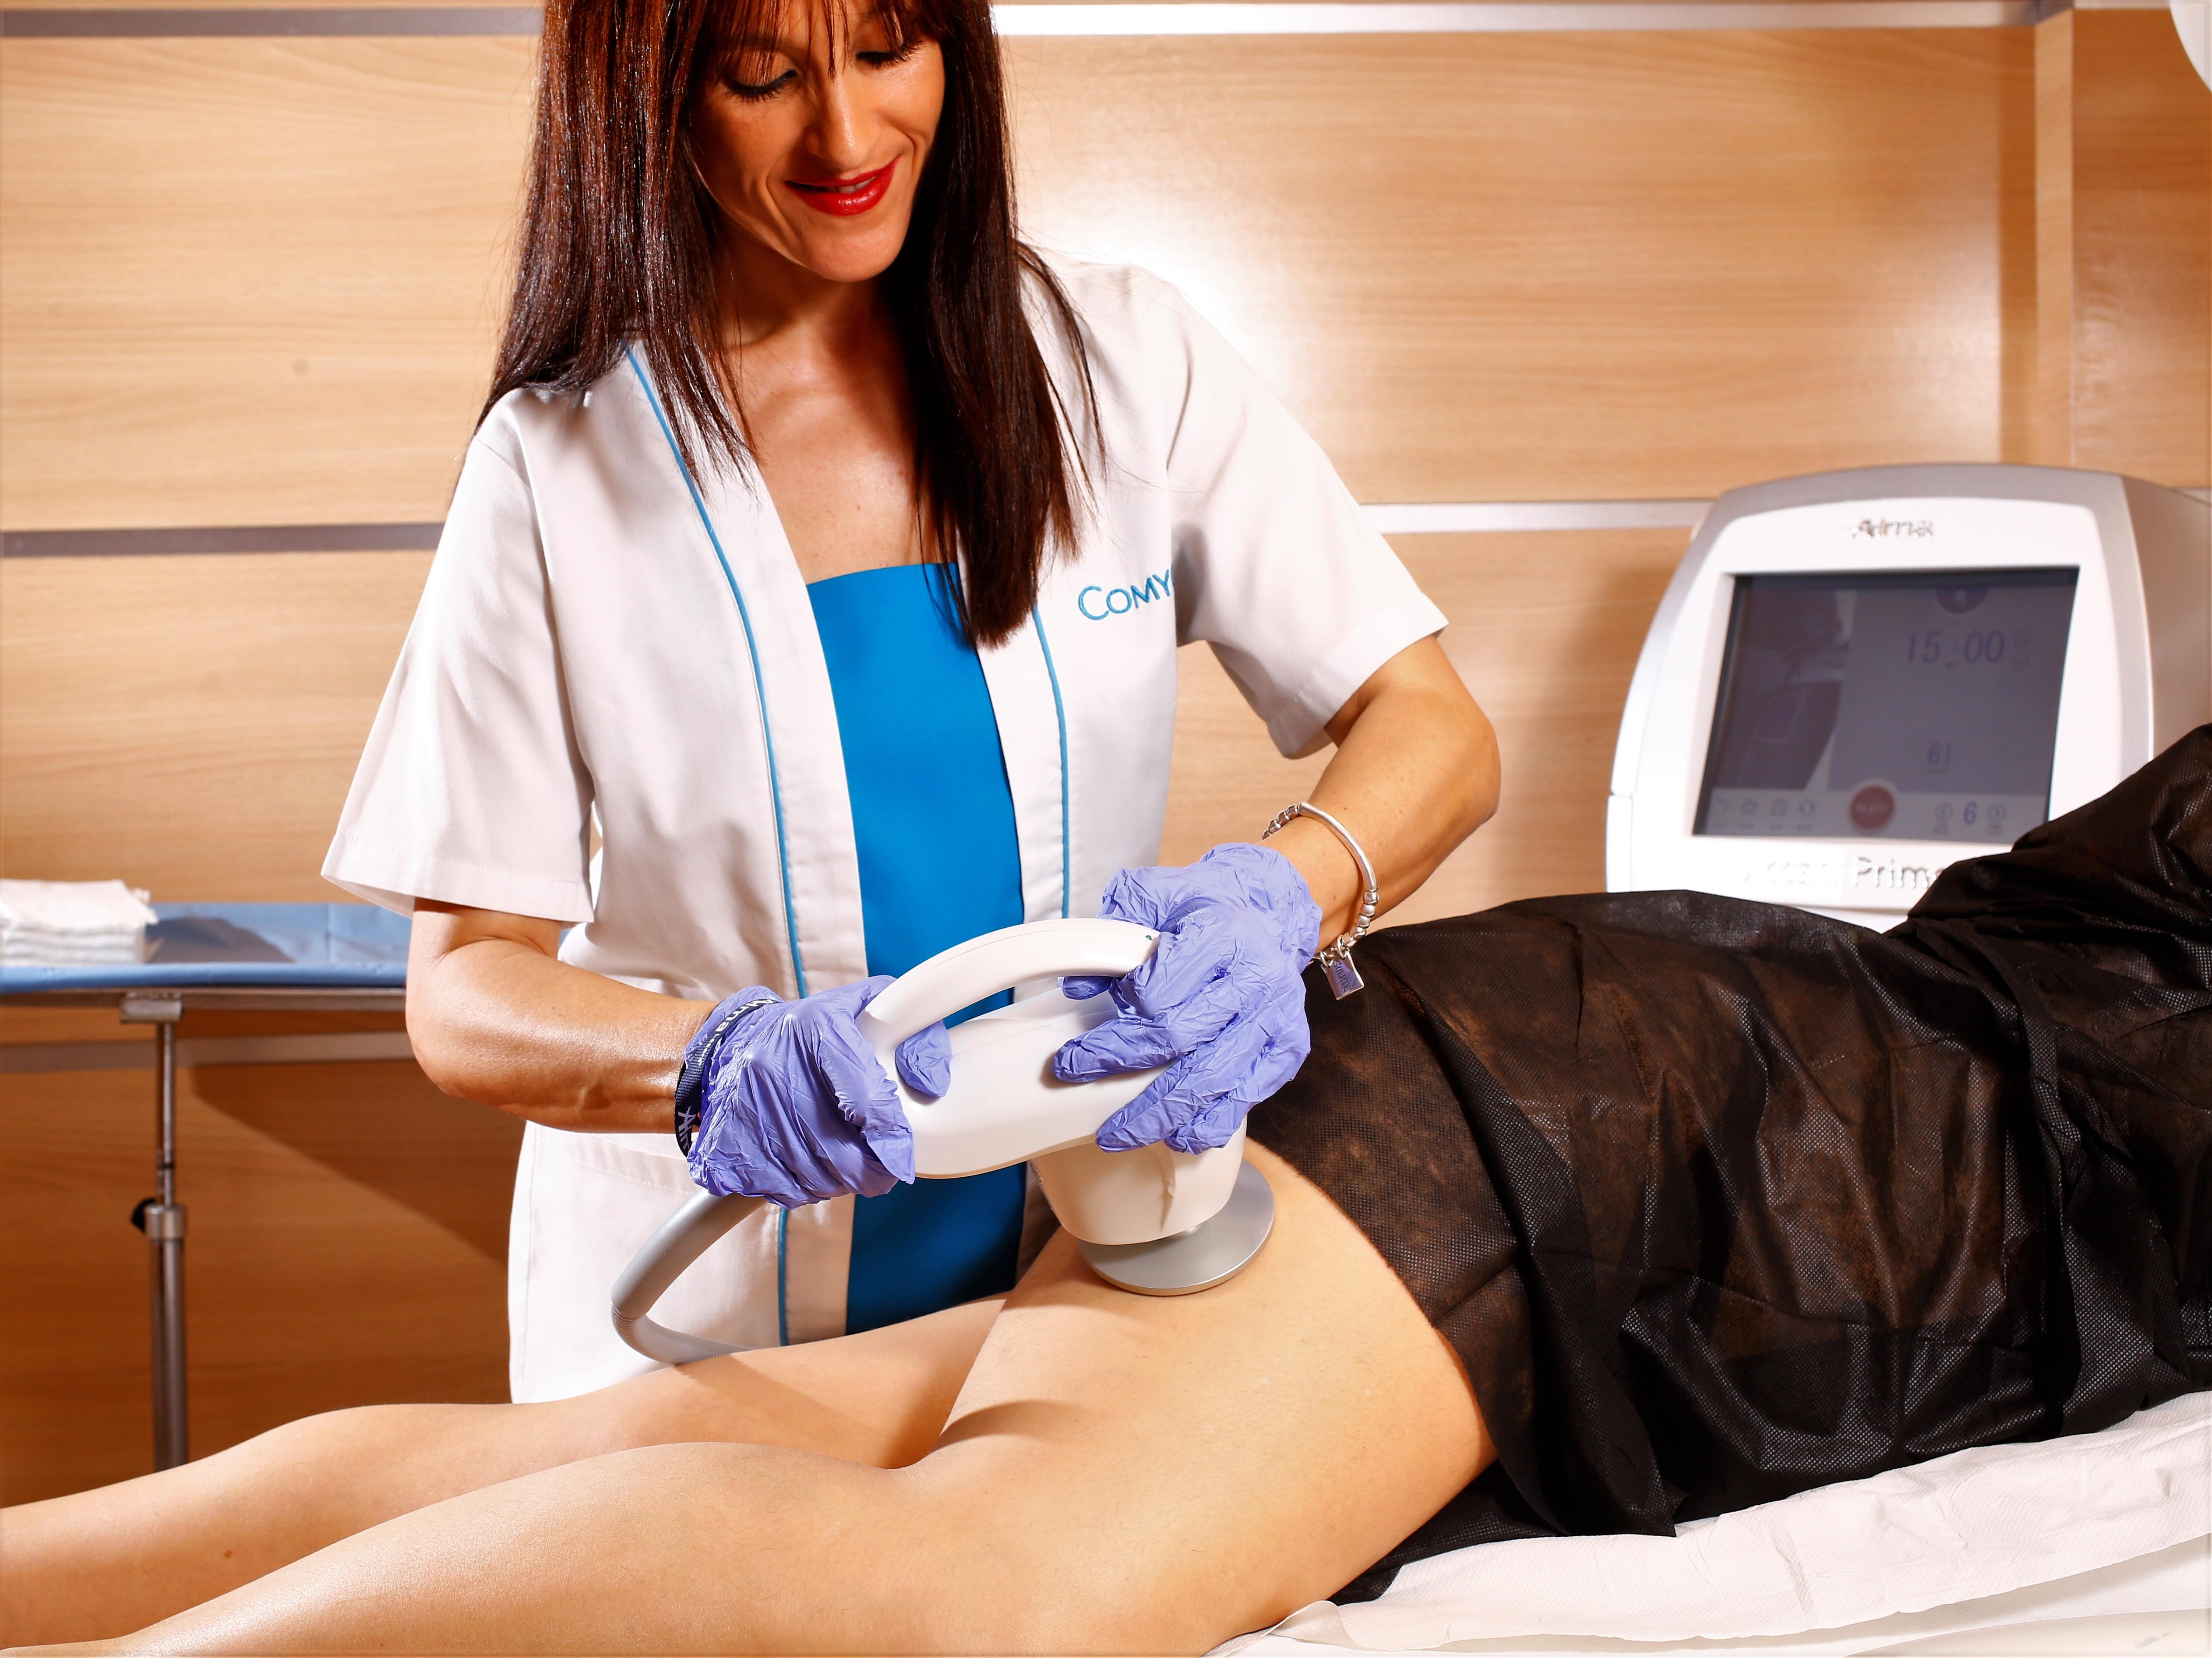 Mujer realizando tratamiento rejuvenecimiento piel